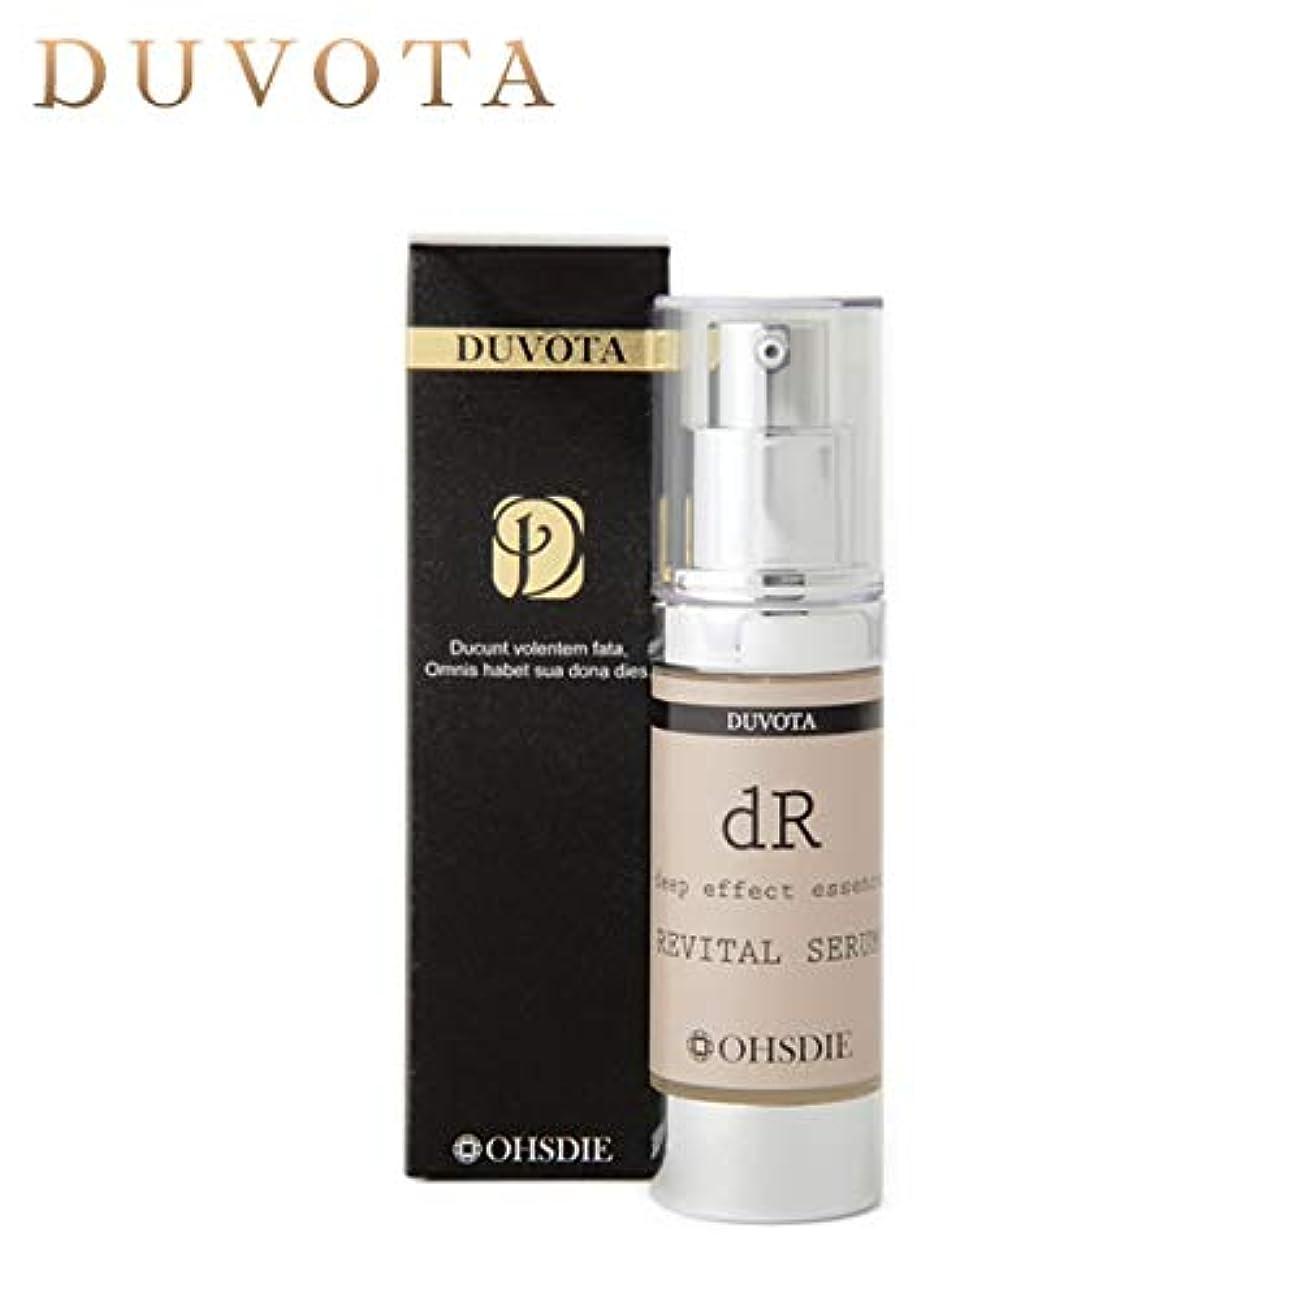 九致死解説EGF 幹細胞 美容液 DUVOTA(ドゥボータ)ディープエフェクトエッセンスDリバイタルセラム 30ml / 馬プラセンタ ナールスゲン エレクトロポーション導入 エクラフレーズ 美顔器 リフトアップ 敏感肌 おすすめ